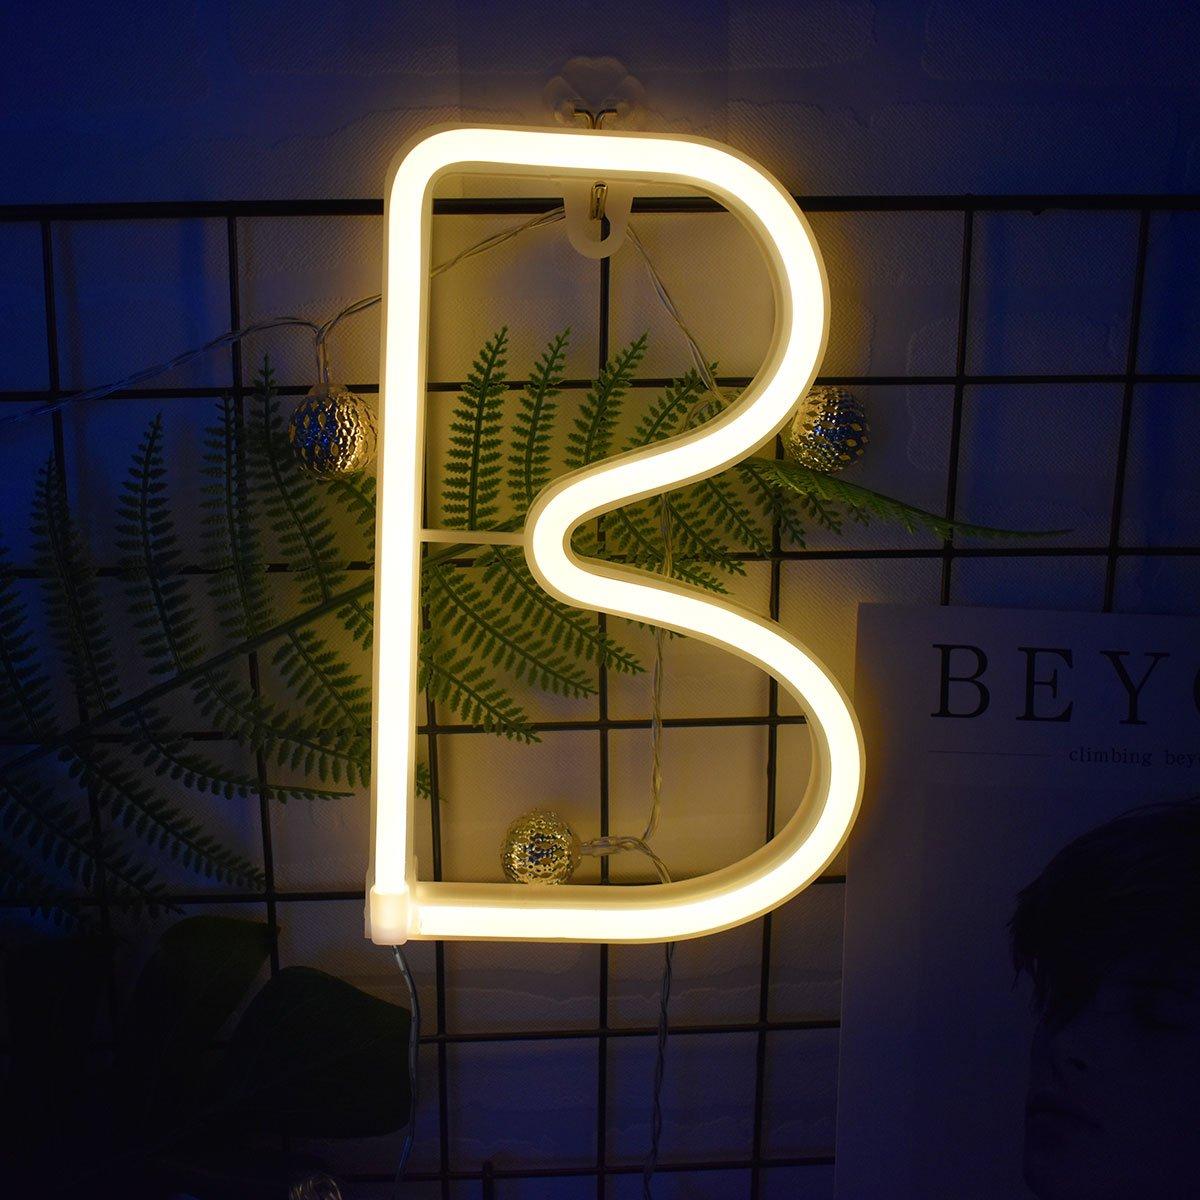 Neon Buchstaben Zeichen Nacht lichter LED Alphabet Neon Art Lichter Lampe Wand Dekor Batteriebetrieben und USB Powered fü r Hochzeit Geburtstag Hochzeit Bar Schlafzimmer Indoor Decor (N) Dream Cubby